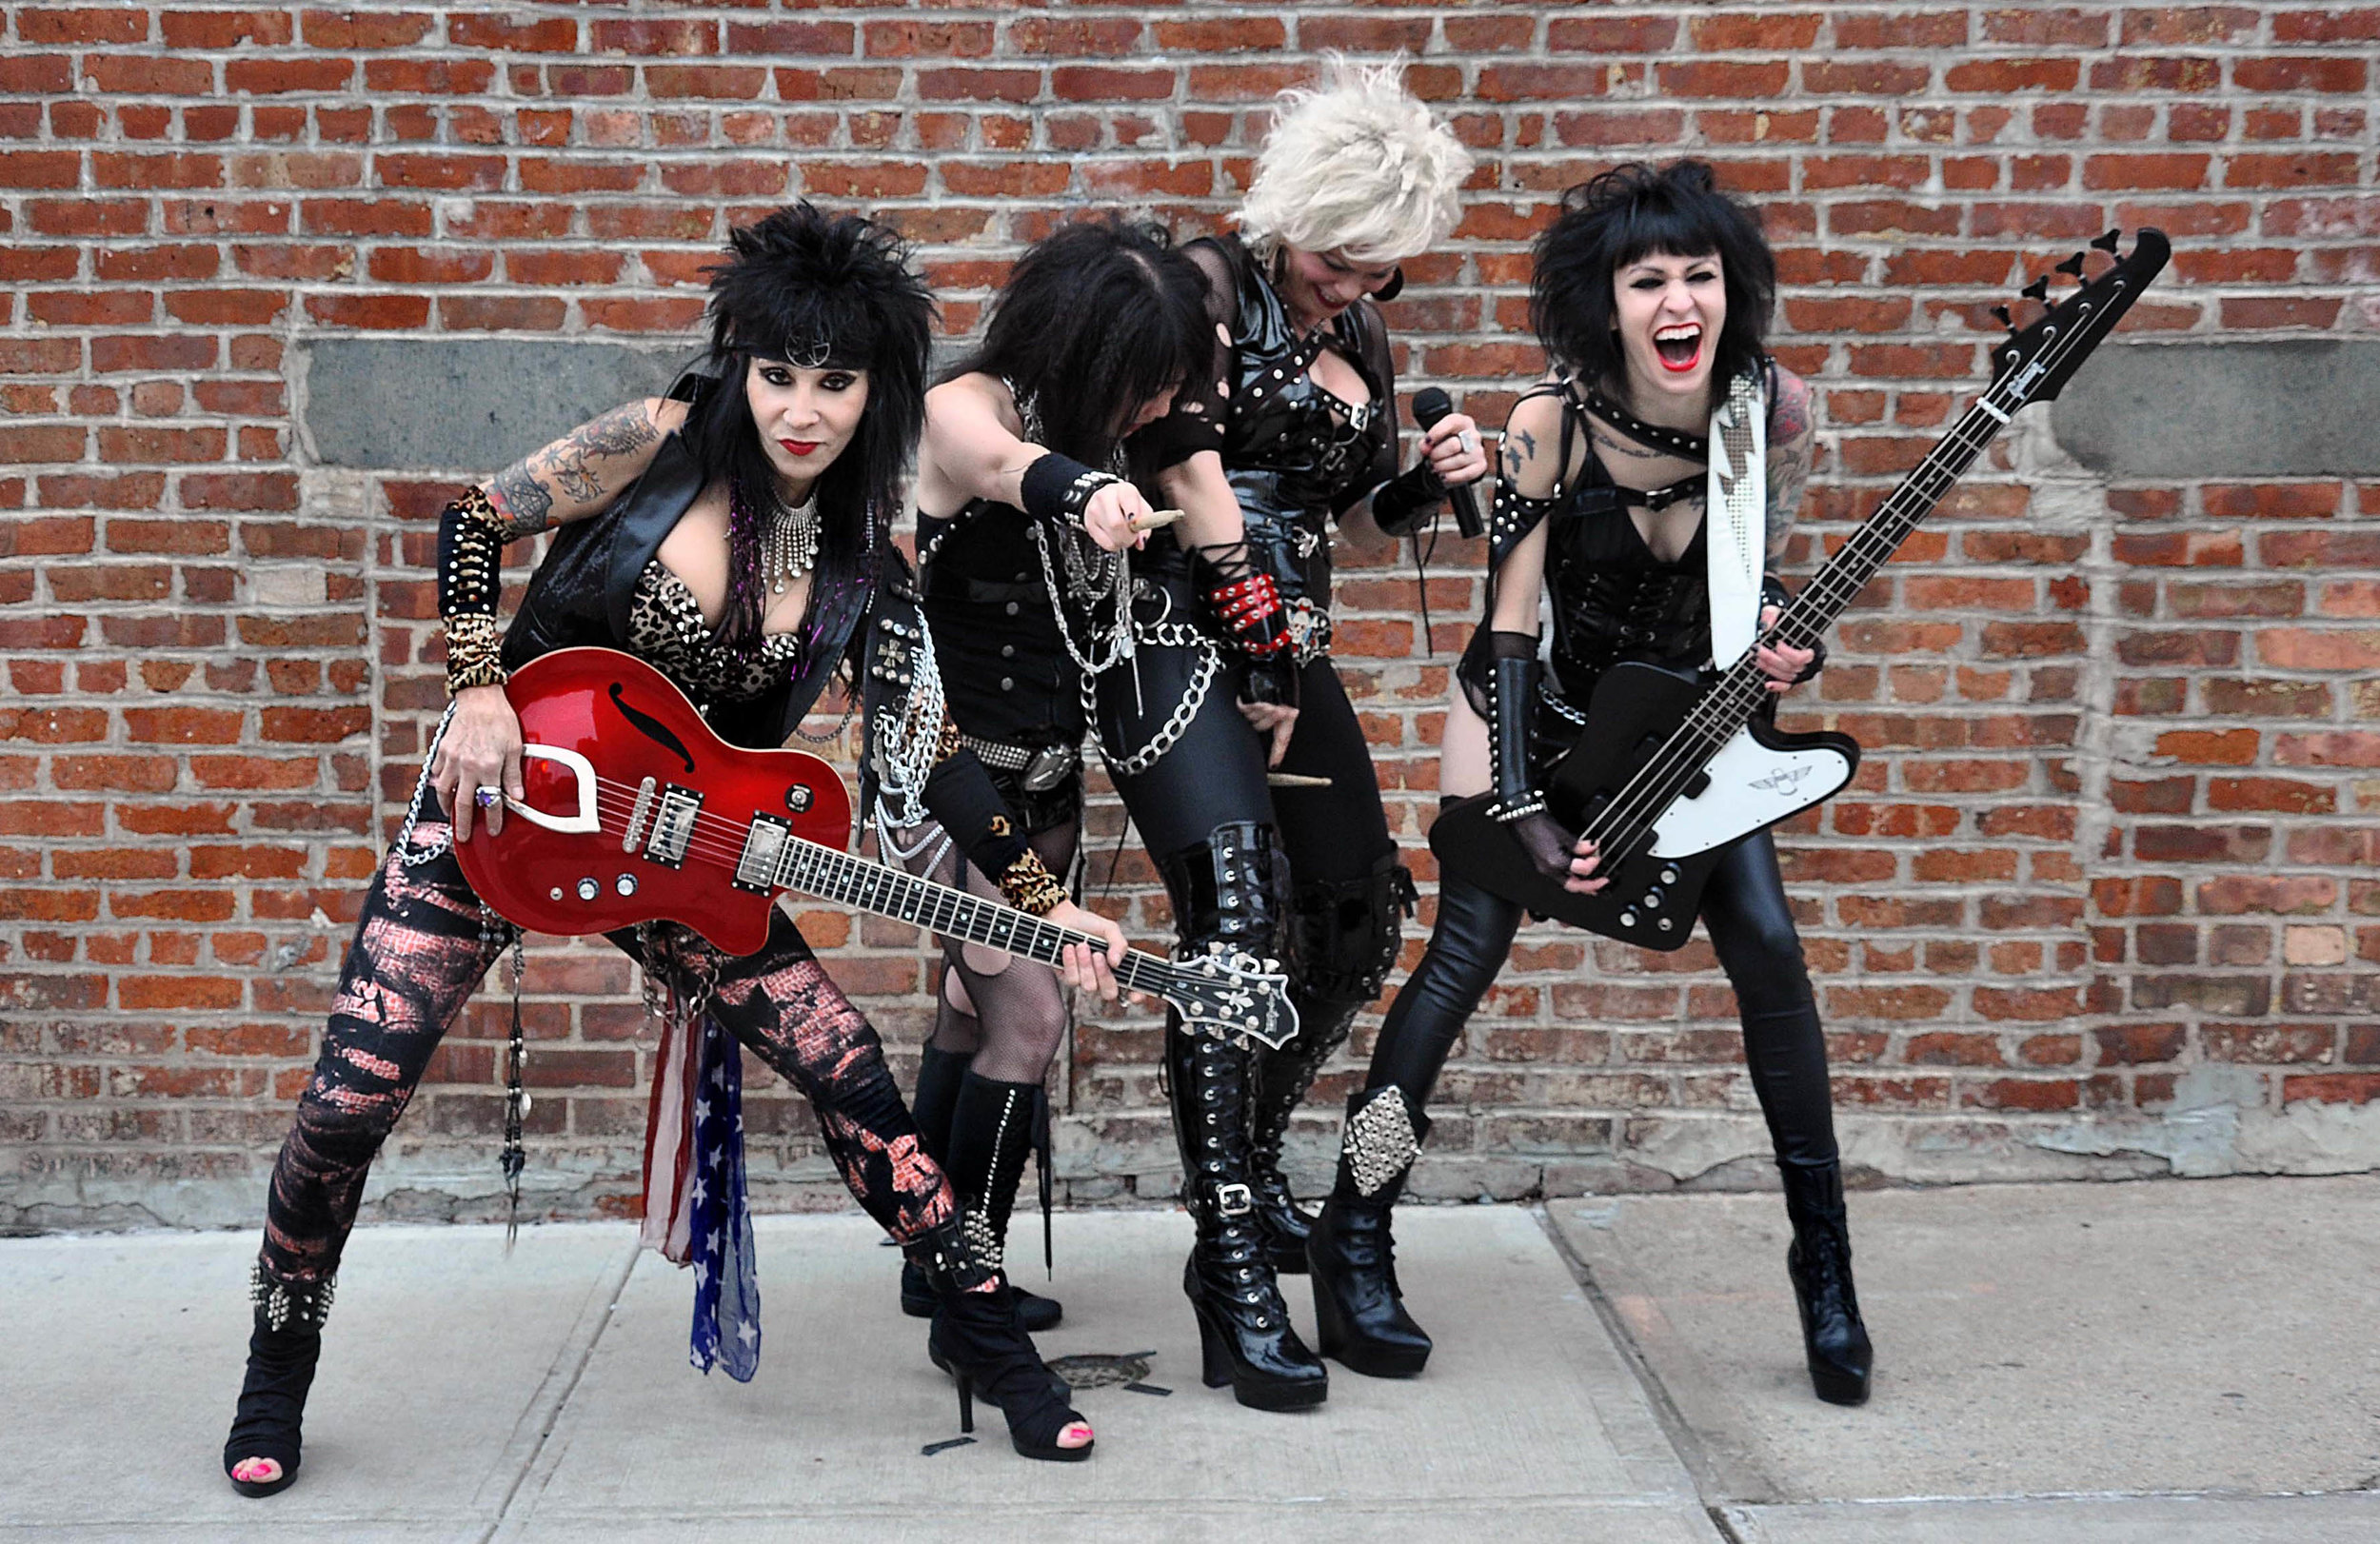 Rampleman_Girls Girls Girls.jpg